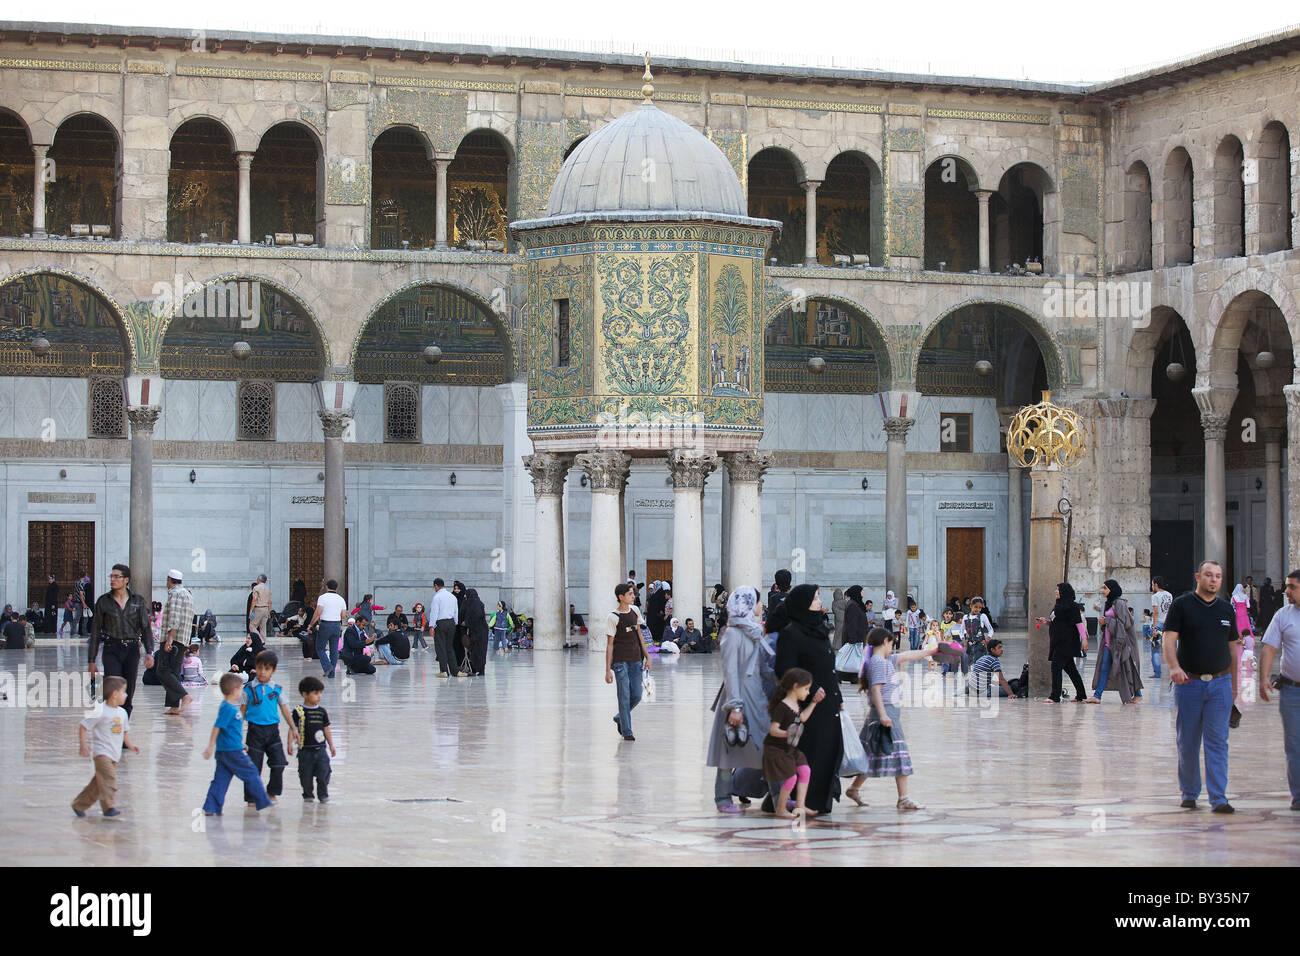 Great Umayyad Mosque, Damascus, Syria - Stock Image